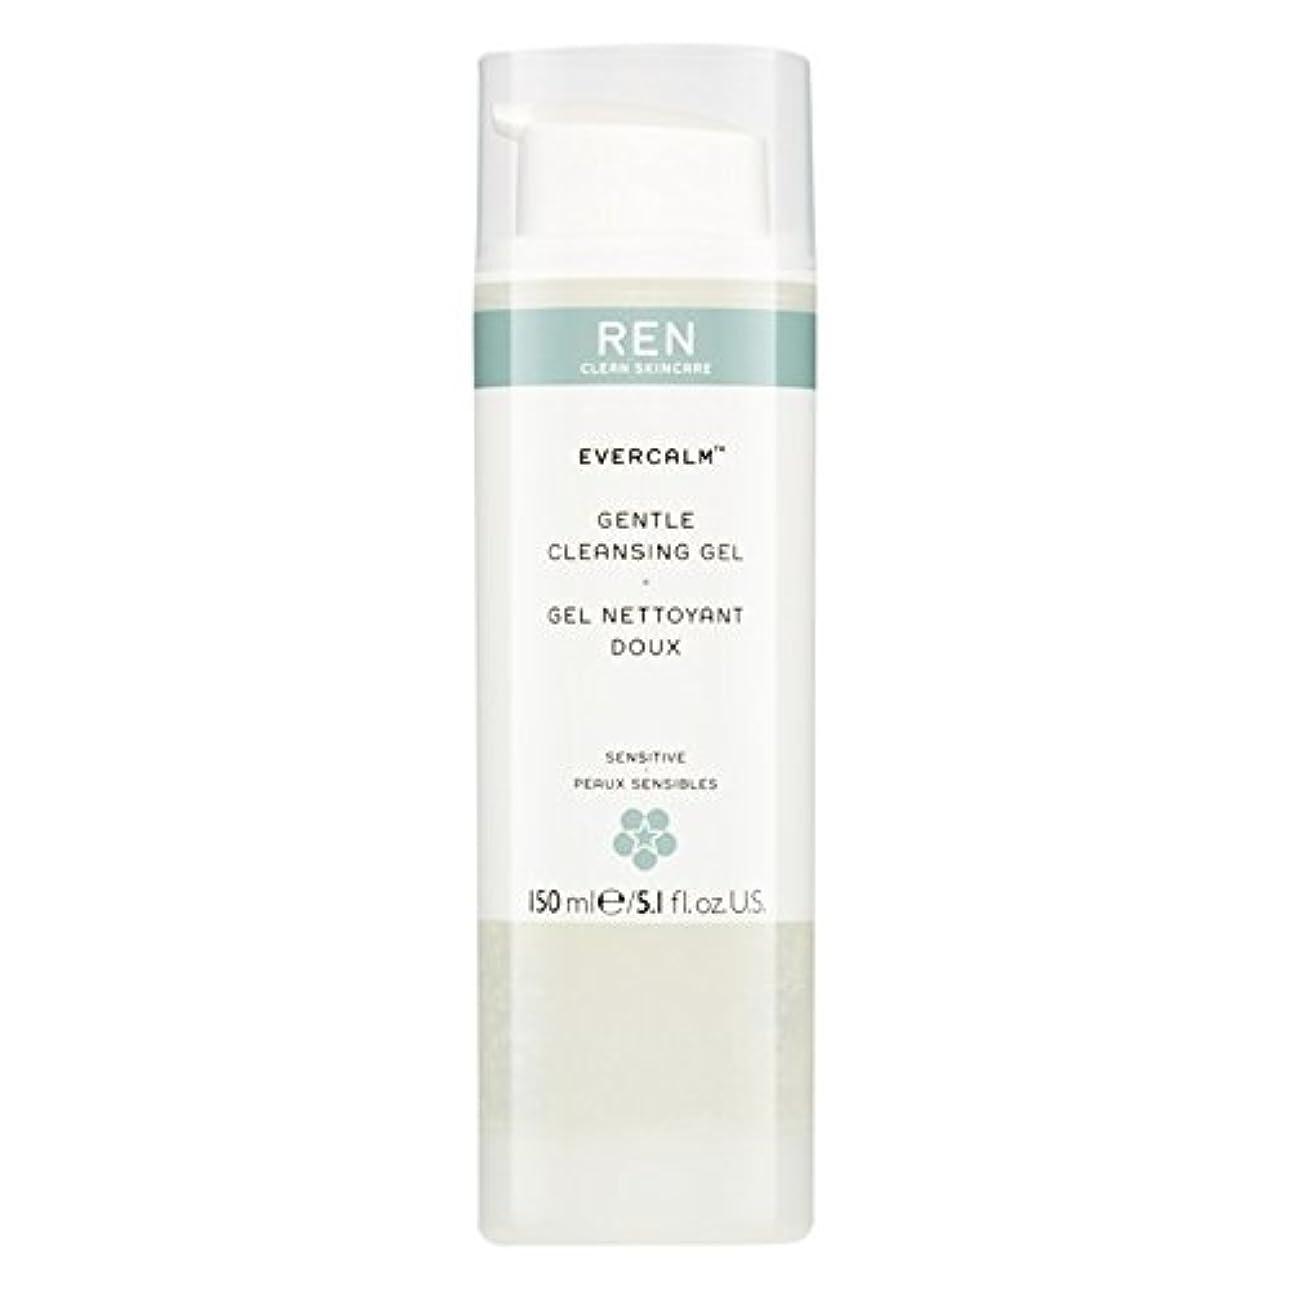 メイドアウトドア資料Ren Evercalm優しいクレンジングジェル、150ミリリットル (REN) (x6) - REN Evercalm Gentle Cleansing Gel, 150ml (Pack of 6) [並行輸入品]